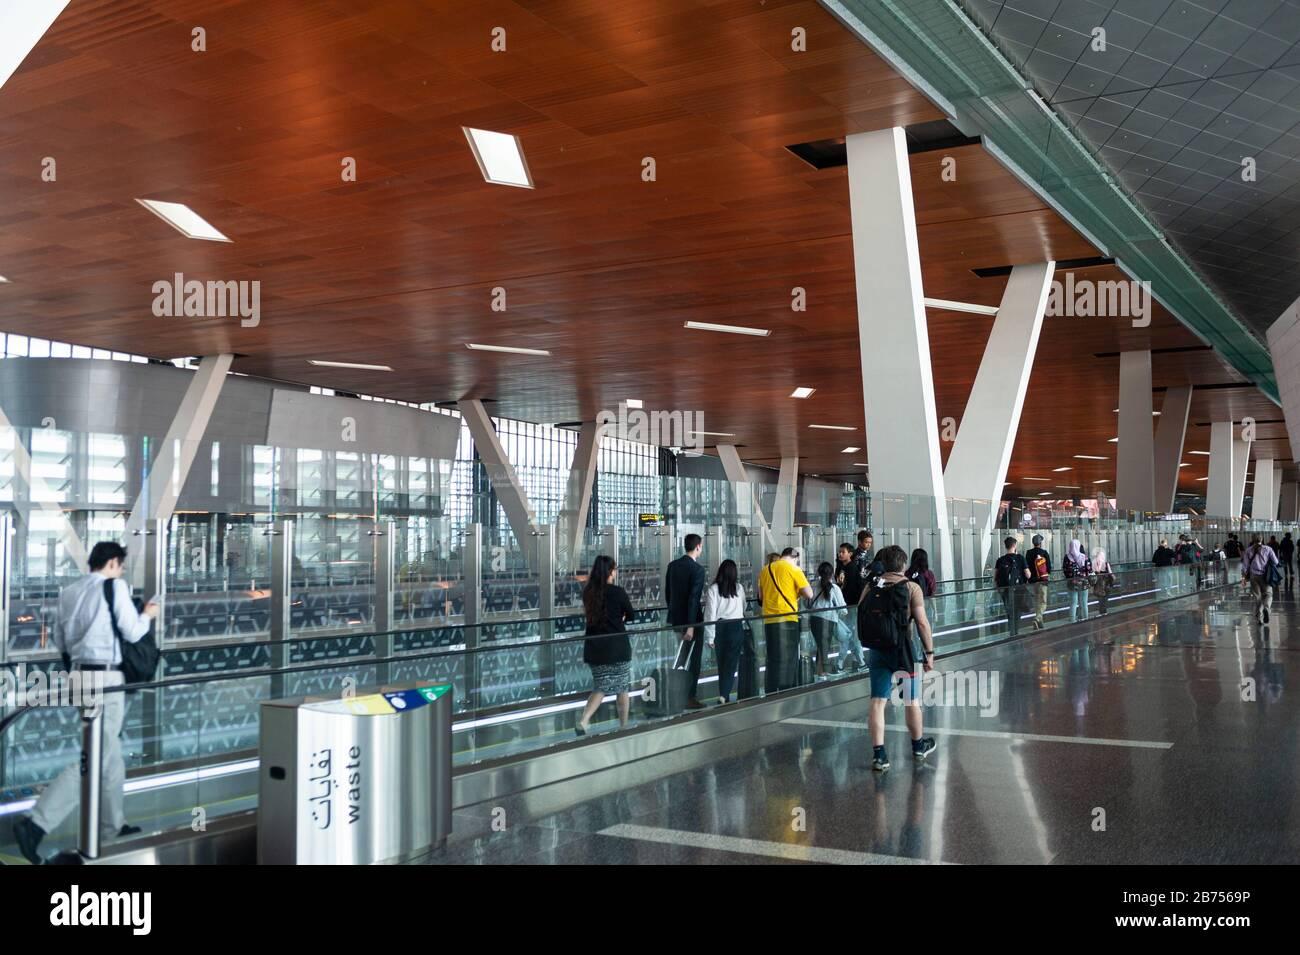 05.06.2019, Doha, Qatar - passagers à l'aéroport international de Hamad. [traduction automatique] Banque D'Images